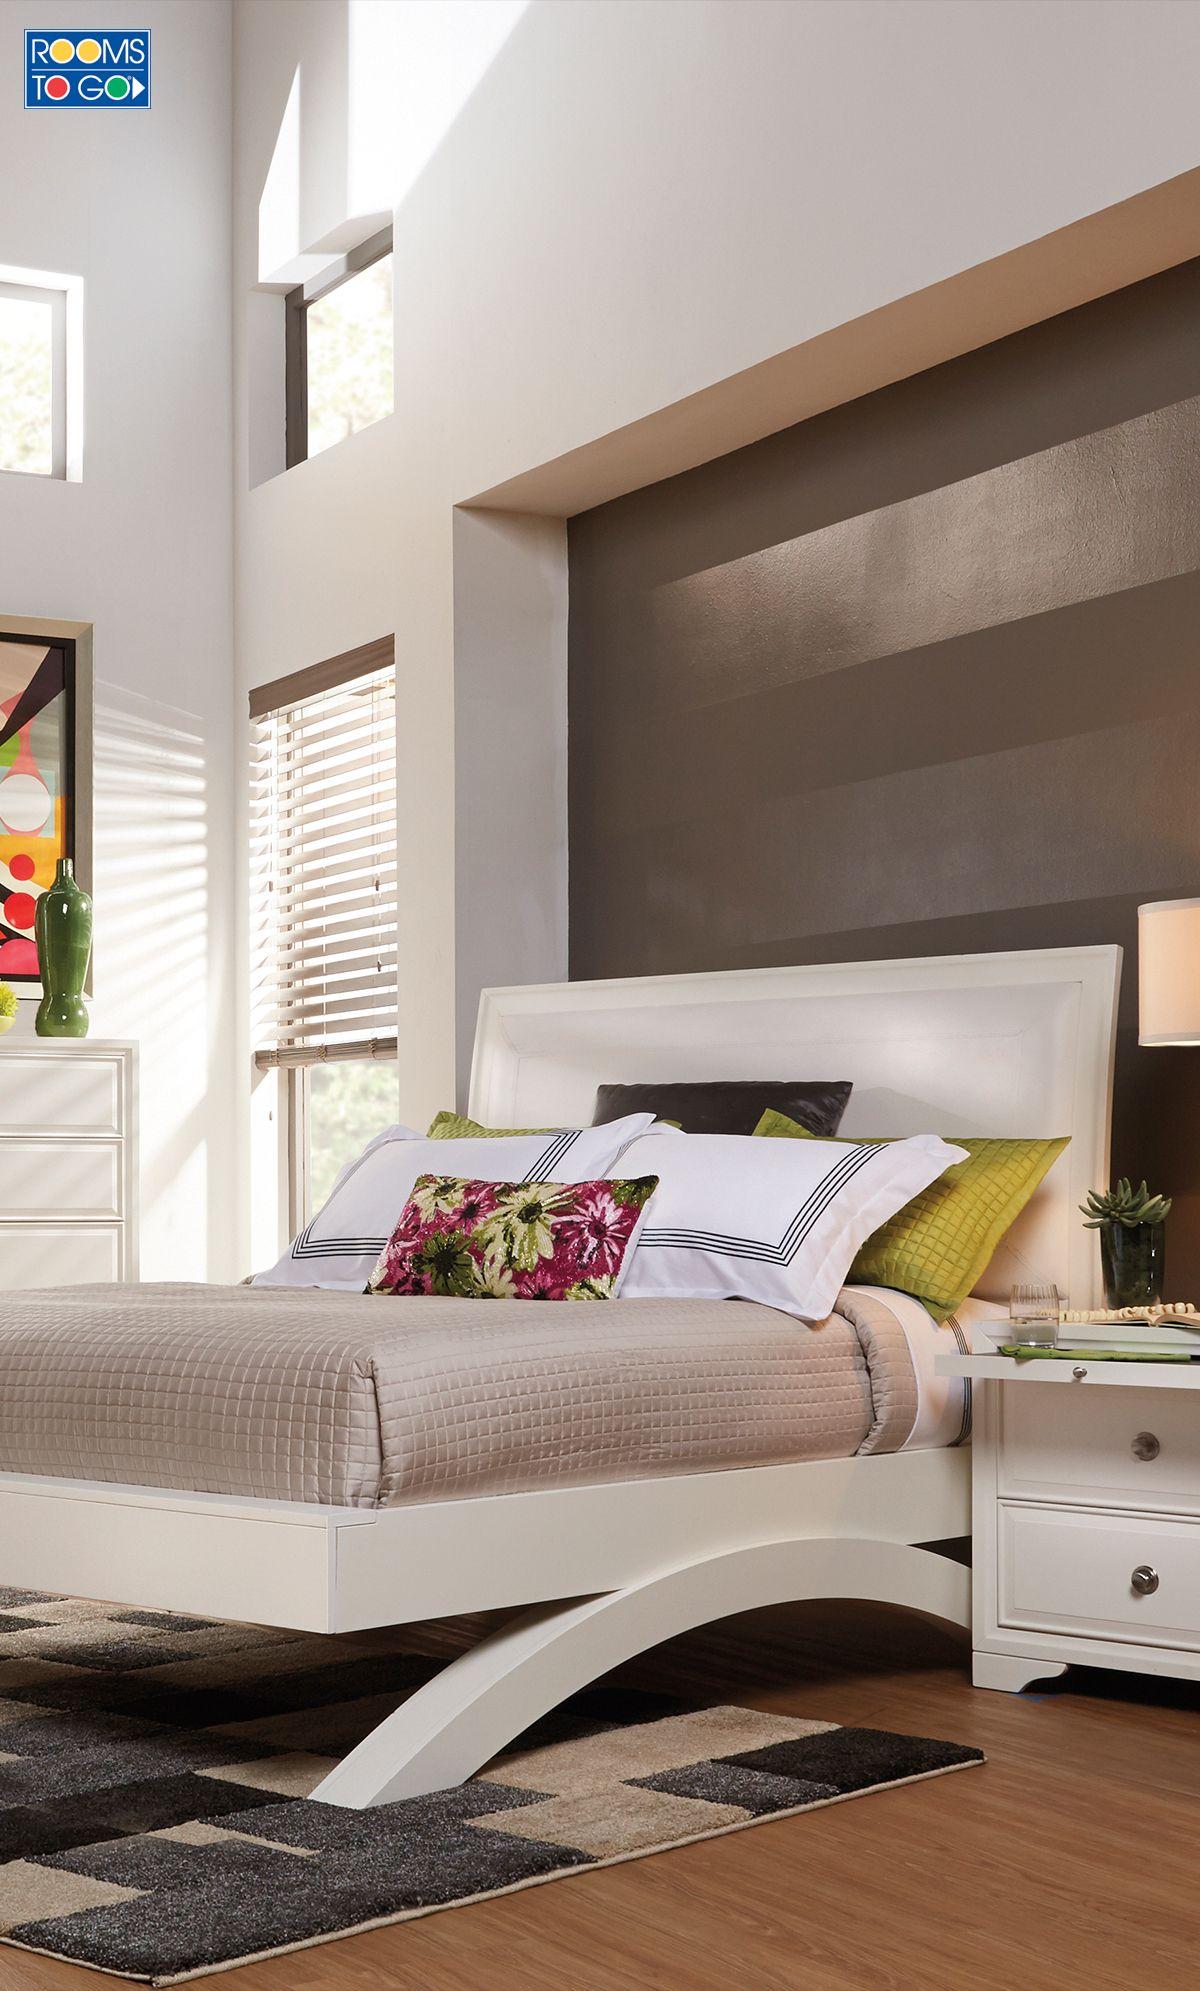 Belcourt White 5 Pc Queen Platform Bedroom Italian